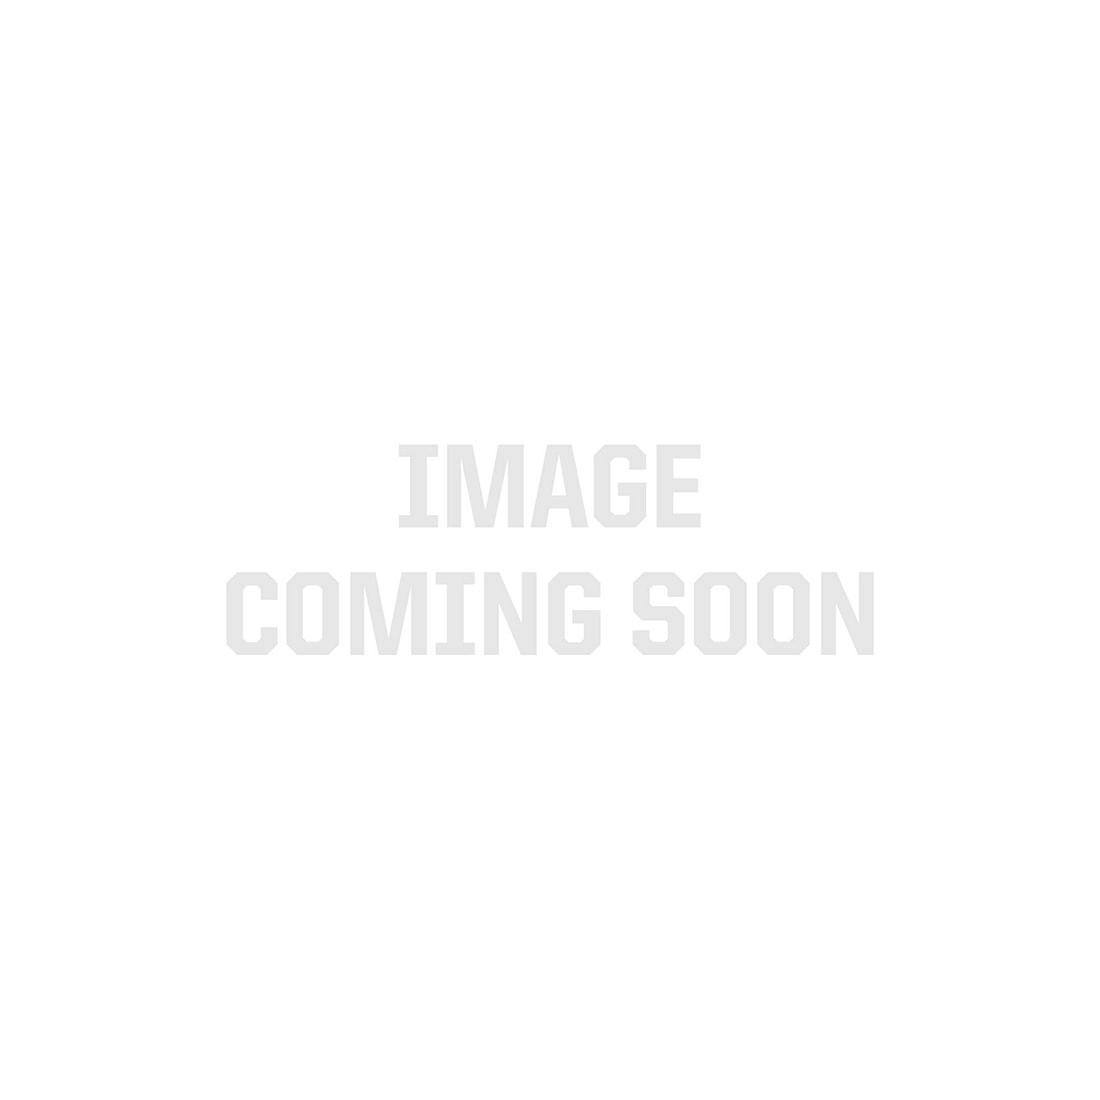 Kichler Design Pro LED Full Range Dimmer (Black) (Optional)